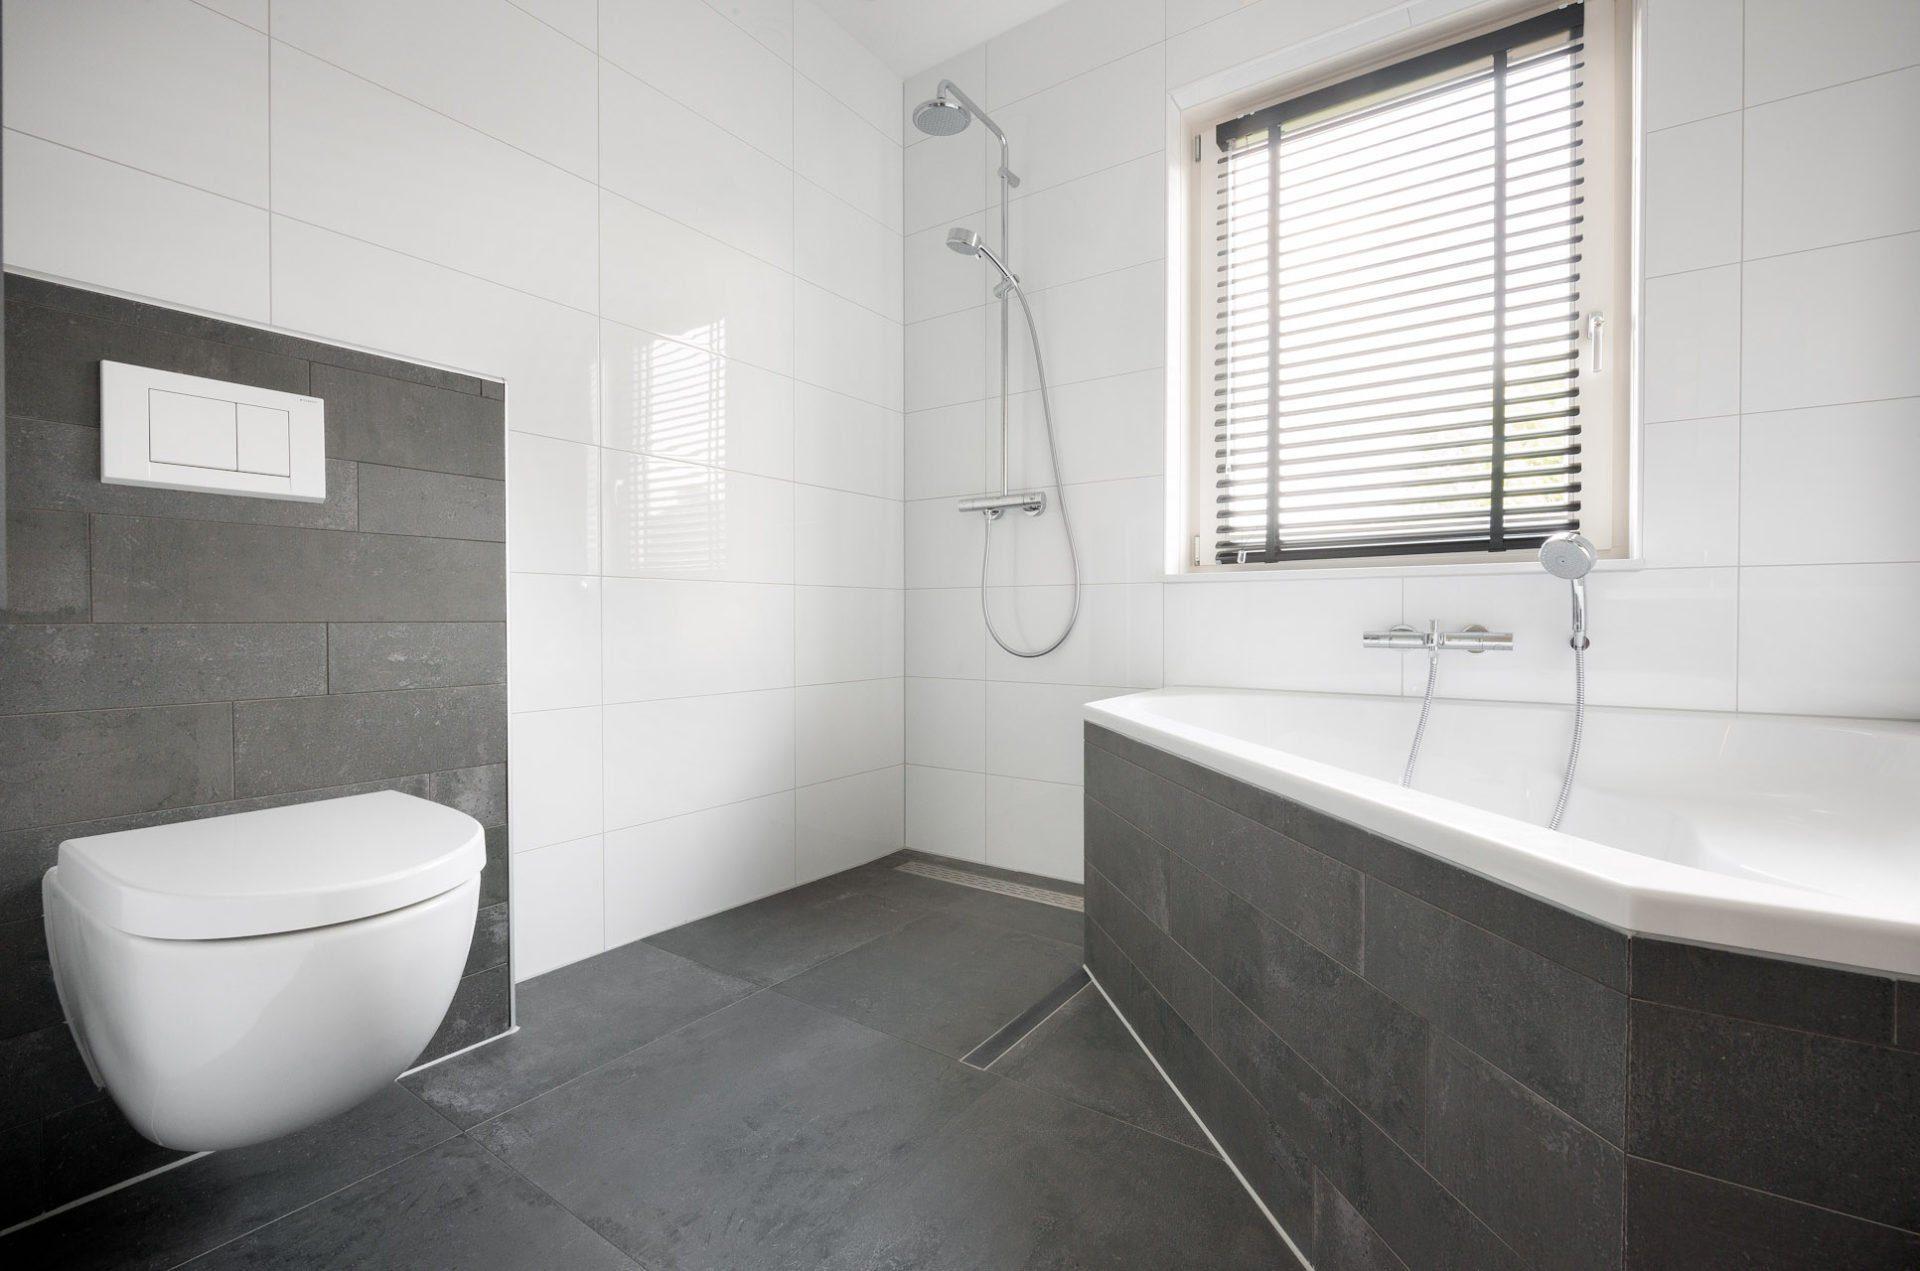 Antraciet vloertegels in woonkamer en badkamer - Badkamer vloer ...